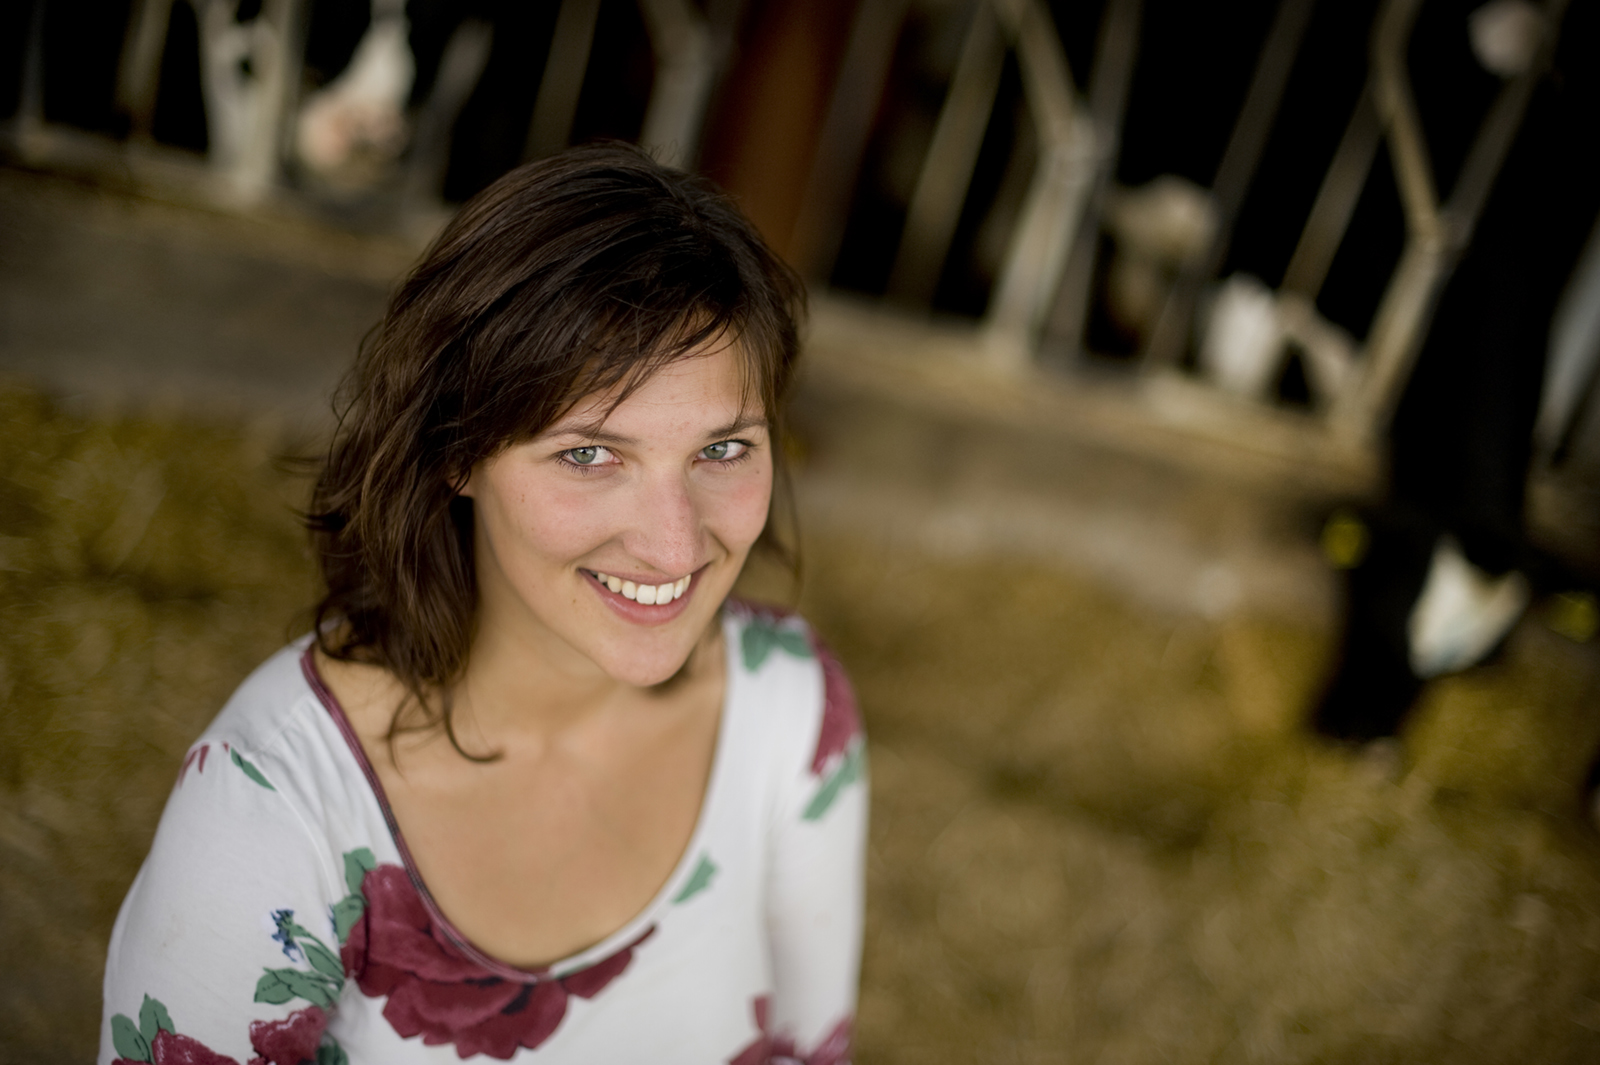 agrarisch portret voor magazine